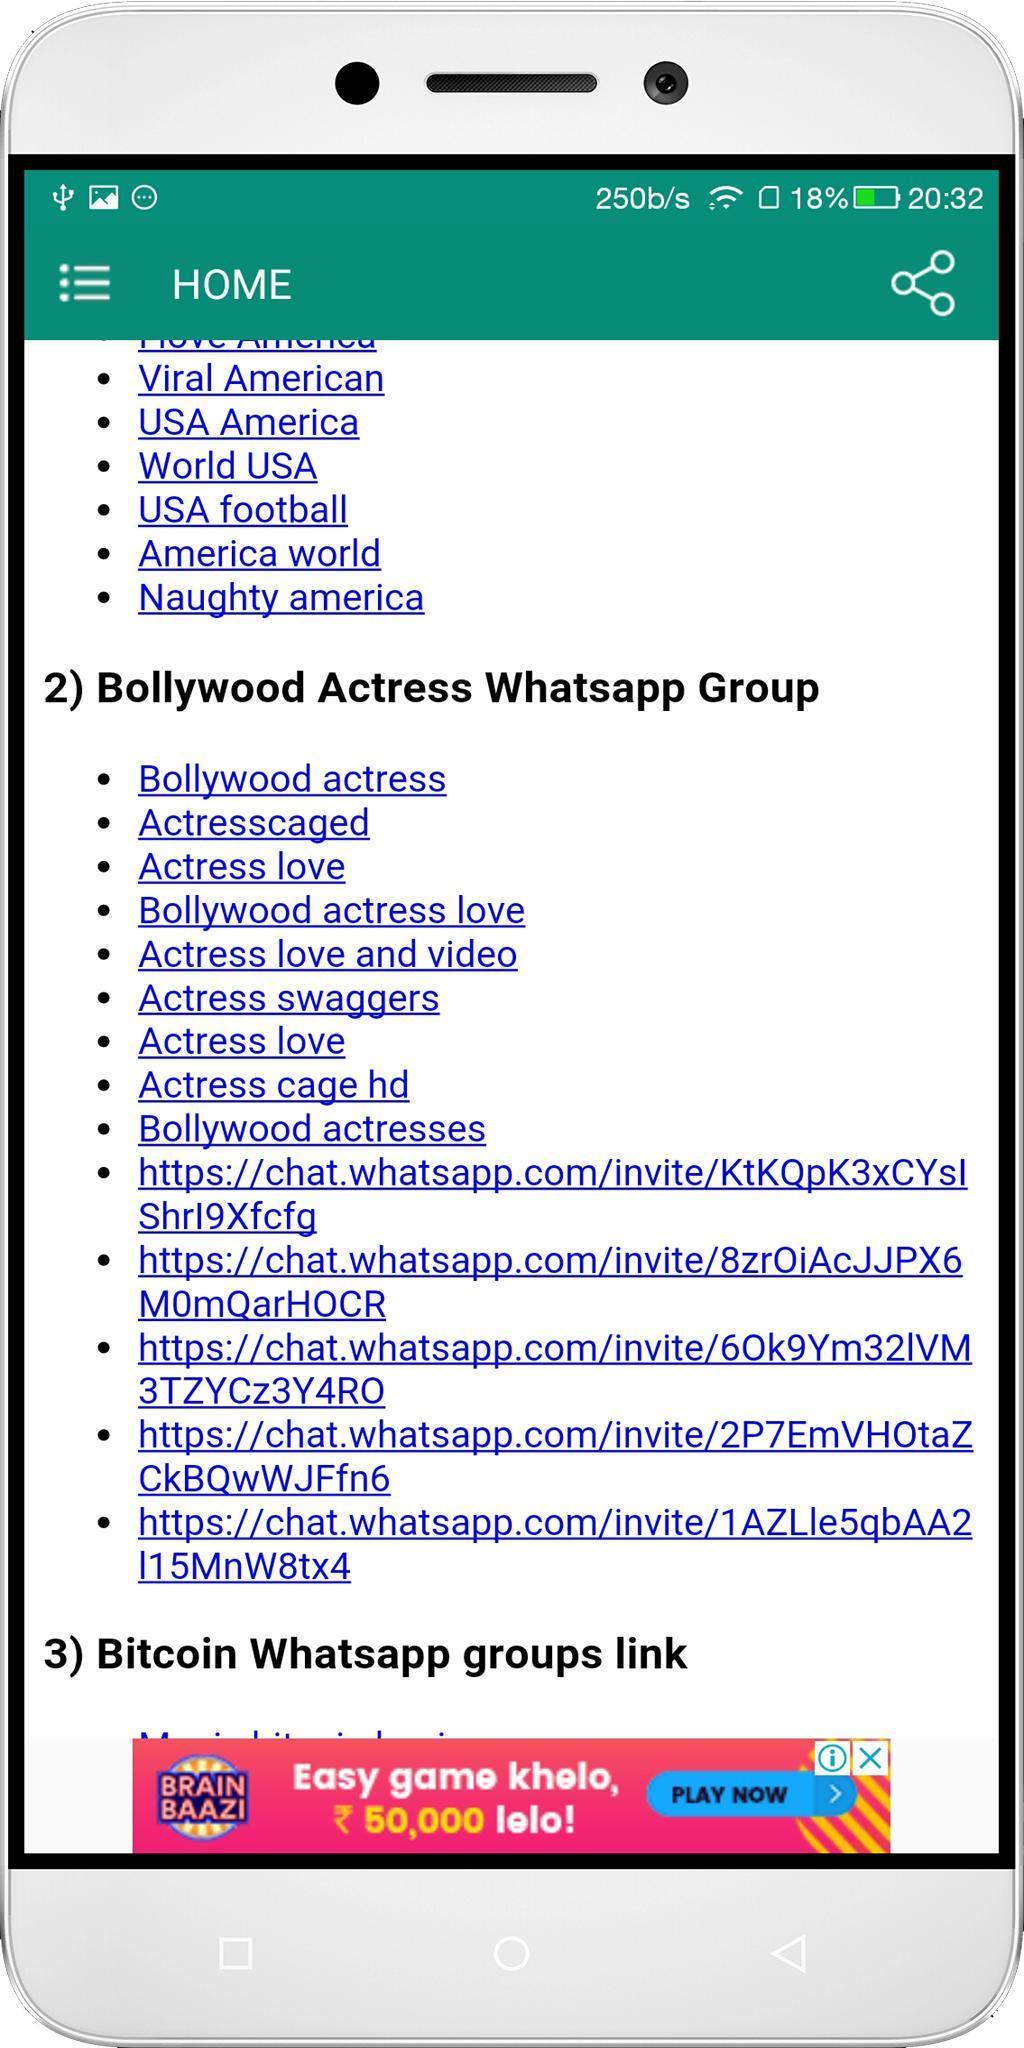 Groups 18 whatsapp